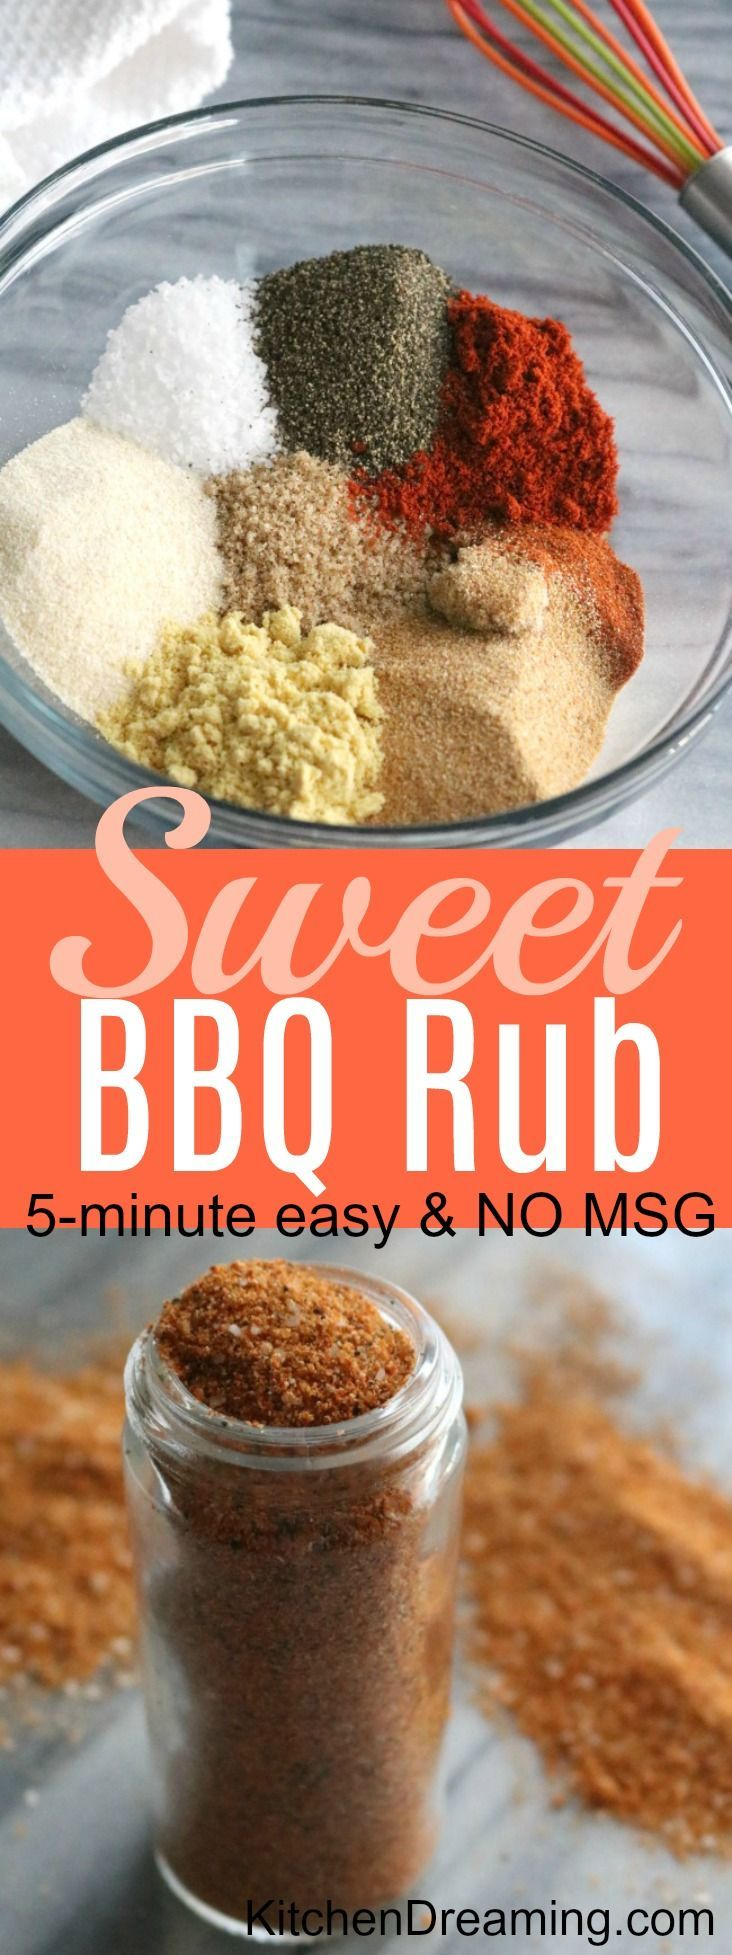 Sweet Bbq Rub Recipe Kitchen Dreaming Recipe Sweet Bbq Rub Recipe Bbq Rub Recipe Rub Recipes